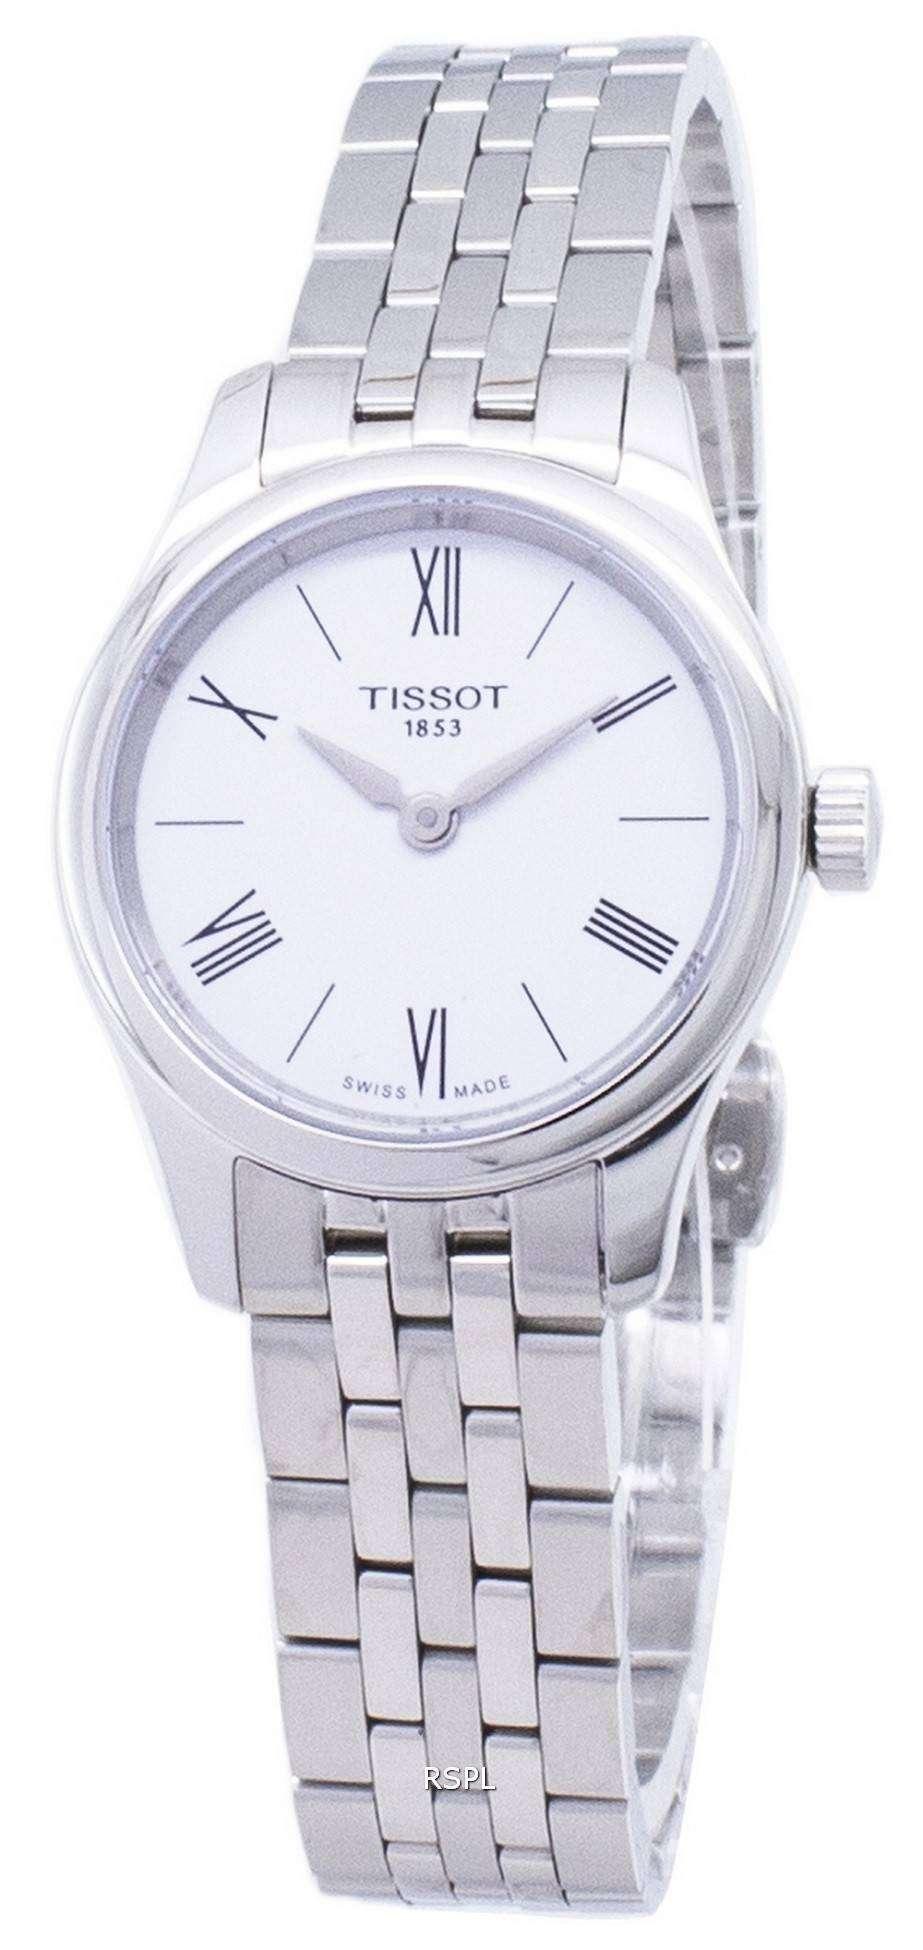 ティソ T-古典的な伝統 5.5 女性 T063.009.11.018.00 T0630091101800 クオーツ レディース腕時計